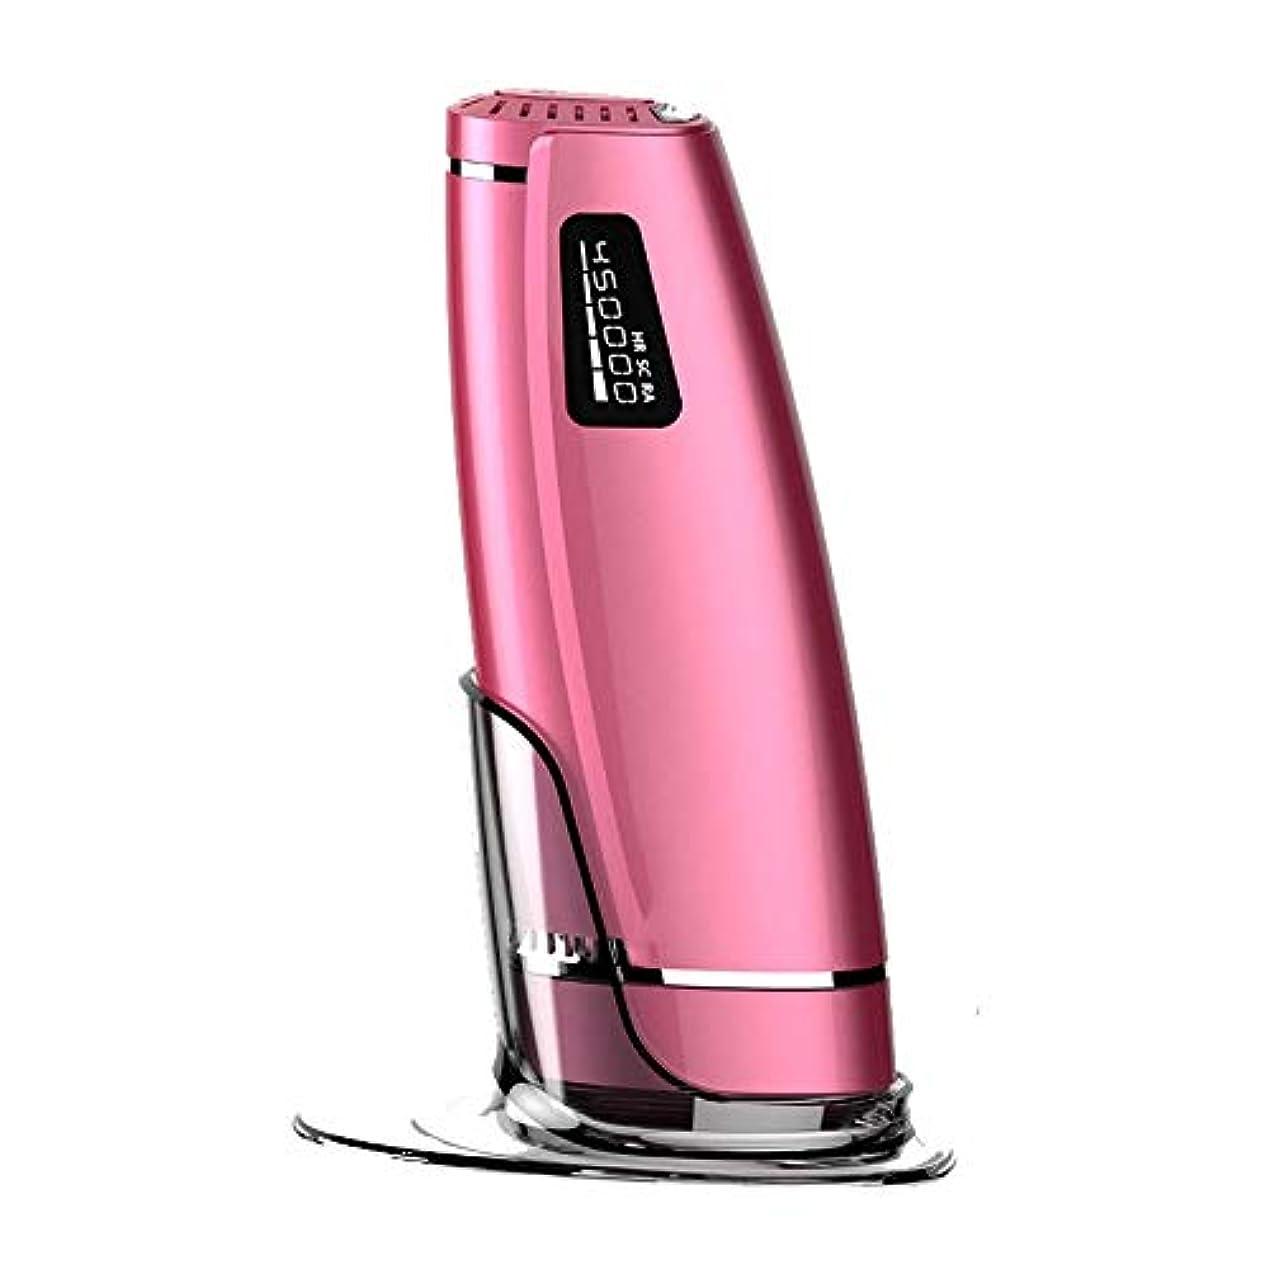 しなければならない愛撫デモンストレーションXihouxian 携帯用永久的な毛の除去剤、ピンク、デュアルモード、自動痛みのない毛の除去剤、5スピード調整、サイズ20.5 X 4.5 X 7 Cm D40 (Color : Pink)